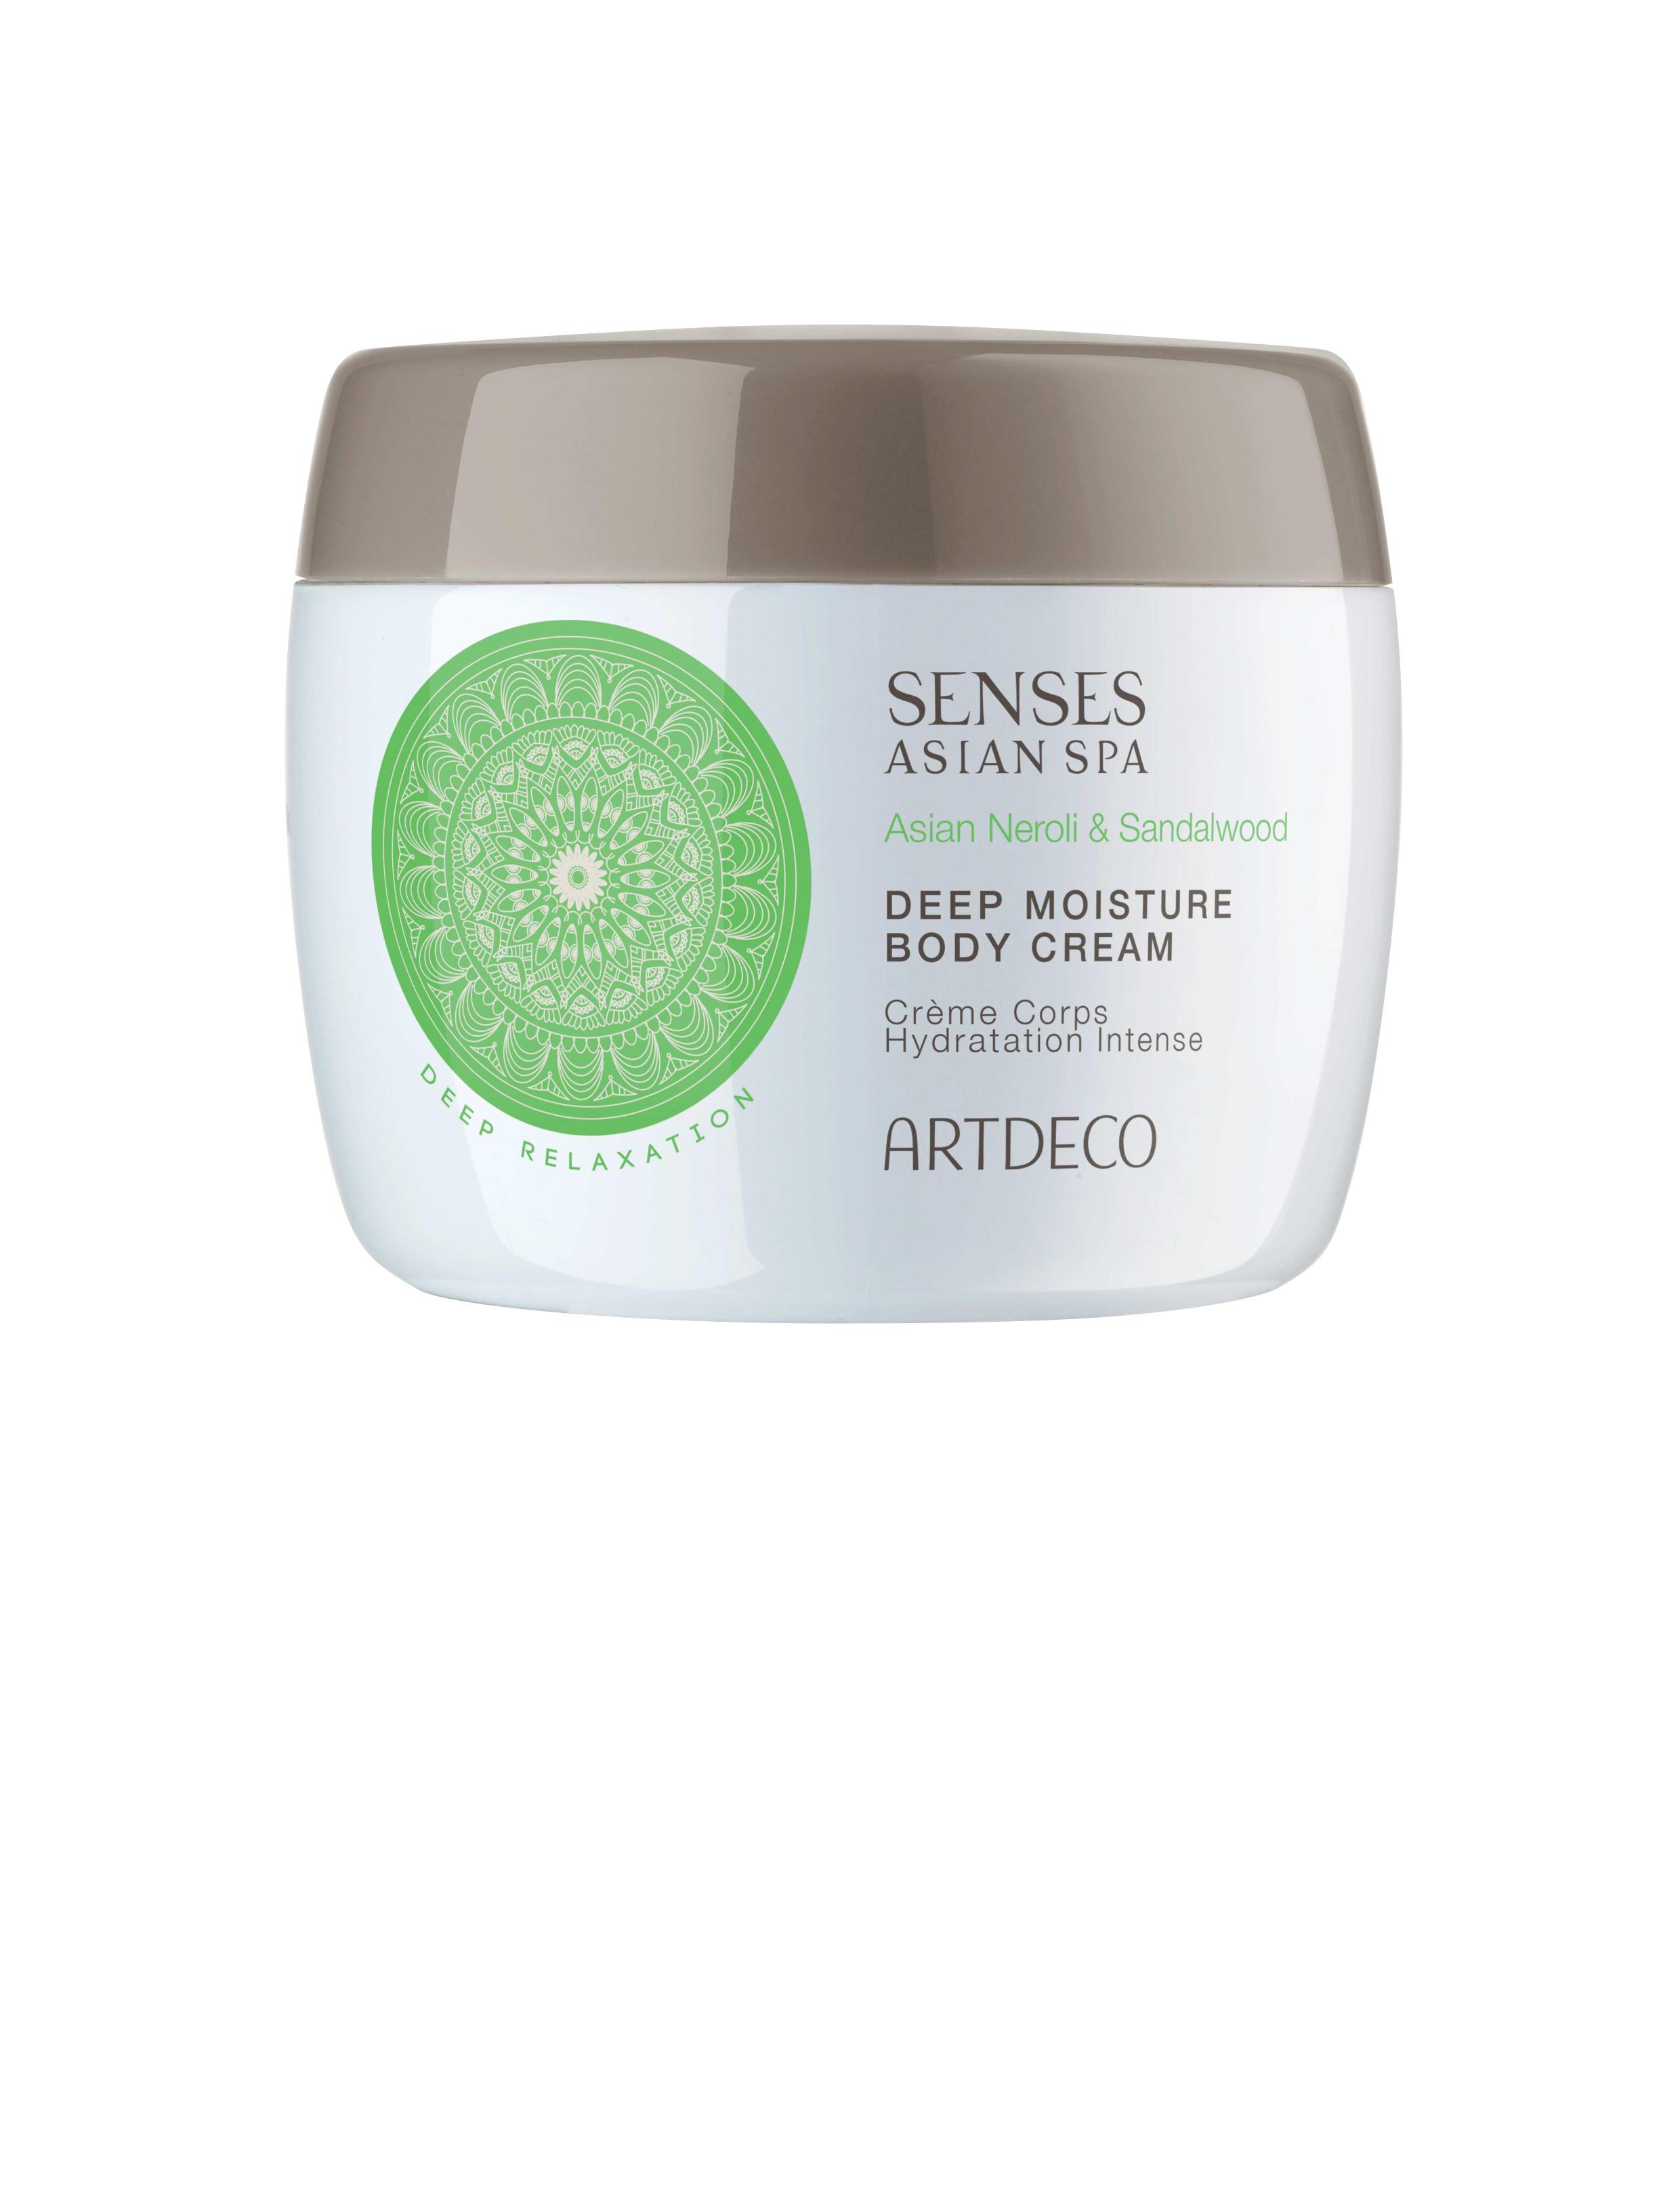 Artdeco крем для тела глубокоувлажняющий Deep moisture body cream, deep relaxation, 200 мл65203Делает кожу мягкой и нежной Интенсивно ухаживает за ней днем и ночью